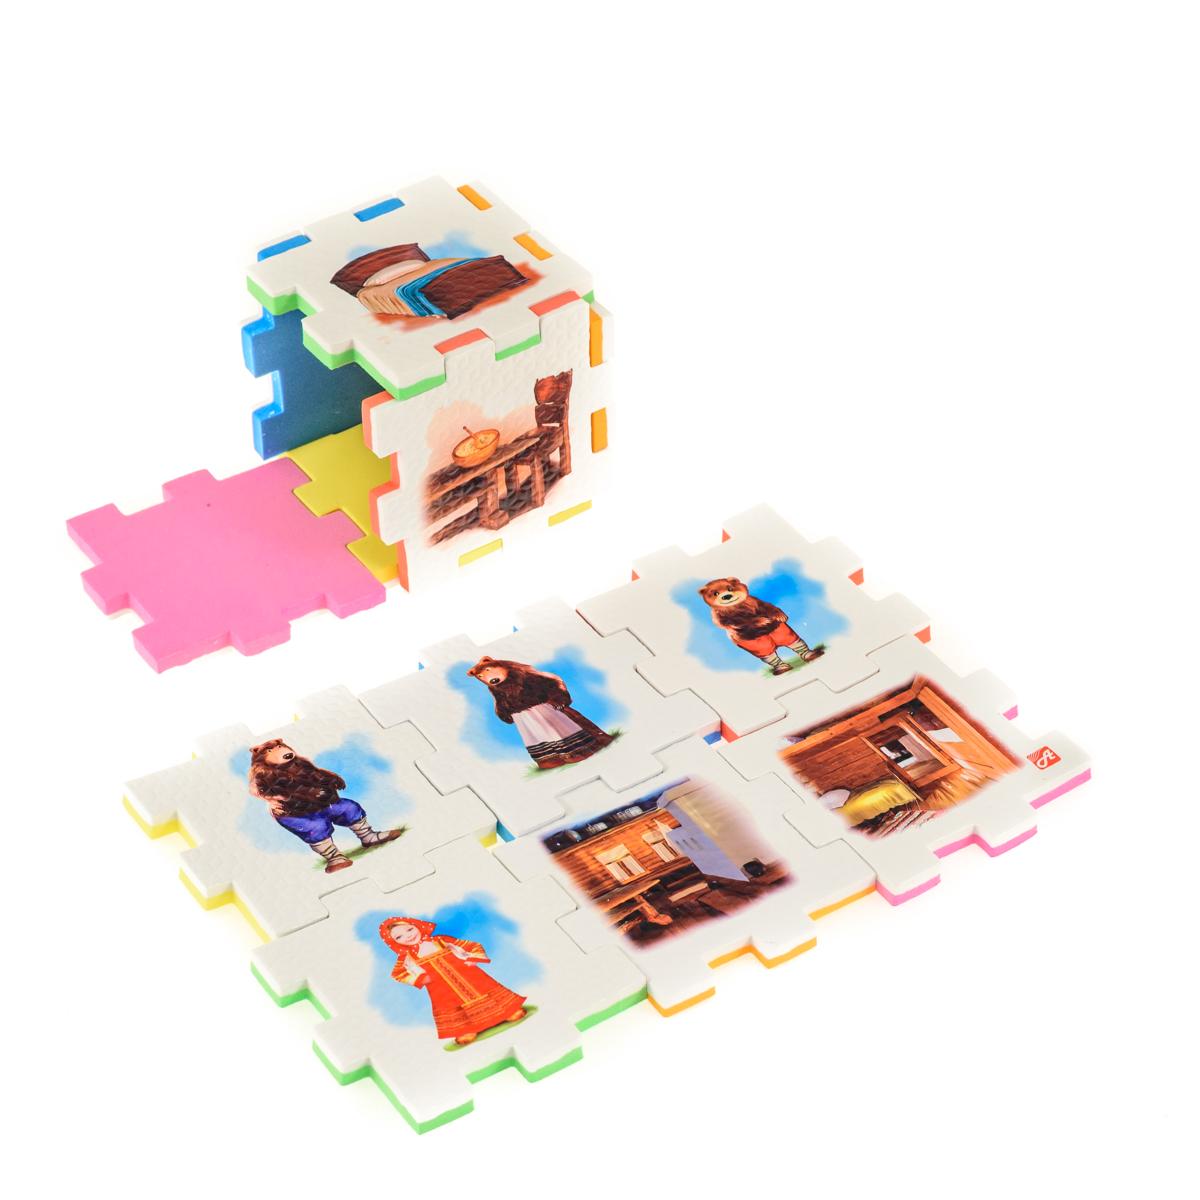 Нескучный кубик Пазл для малышей Три медведя282377Развивающее пособие-игрушка призвано в легкой игровой форме помочь ребенку познакомиться с окружающим миром, изучить цвета, формы, развить логическое и ассоциативное мышление. Из деталей кубика можно конструировать не только кубик из 6 элементов! Попробуйте собрать форму побольше — из 10-12 деталей, либо кубик из 24 деталей, у которого каждая сторона будет состоять из 4-х картинок-элементов. Либо вы можете сложить с ребенком необычный коврик из деталей кубика. Кубики «Сказки» можно использовать как наглядное пособие для сказочных игр с ребенком, например как демонстрационный материал, выкладывая героев в соответствующей последовательности. В дальнейшем ребенок самостоятельно будет играть с любимыми героями, рассказывать сказки и устраивать представления, развивая воображение и устную речь.